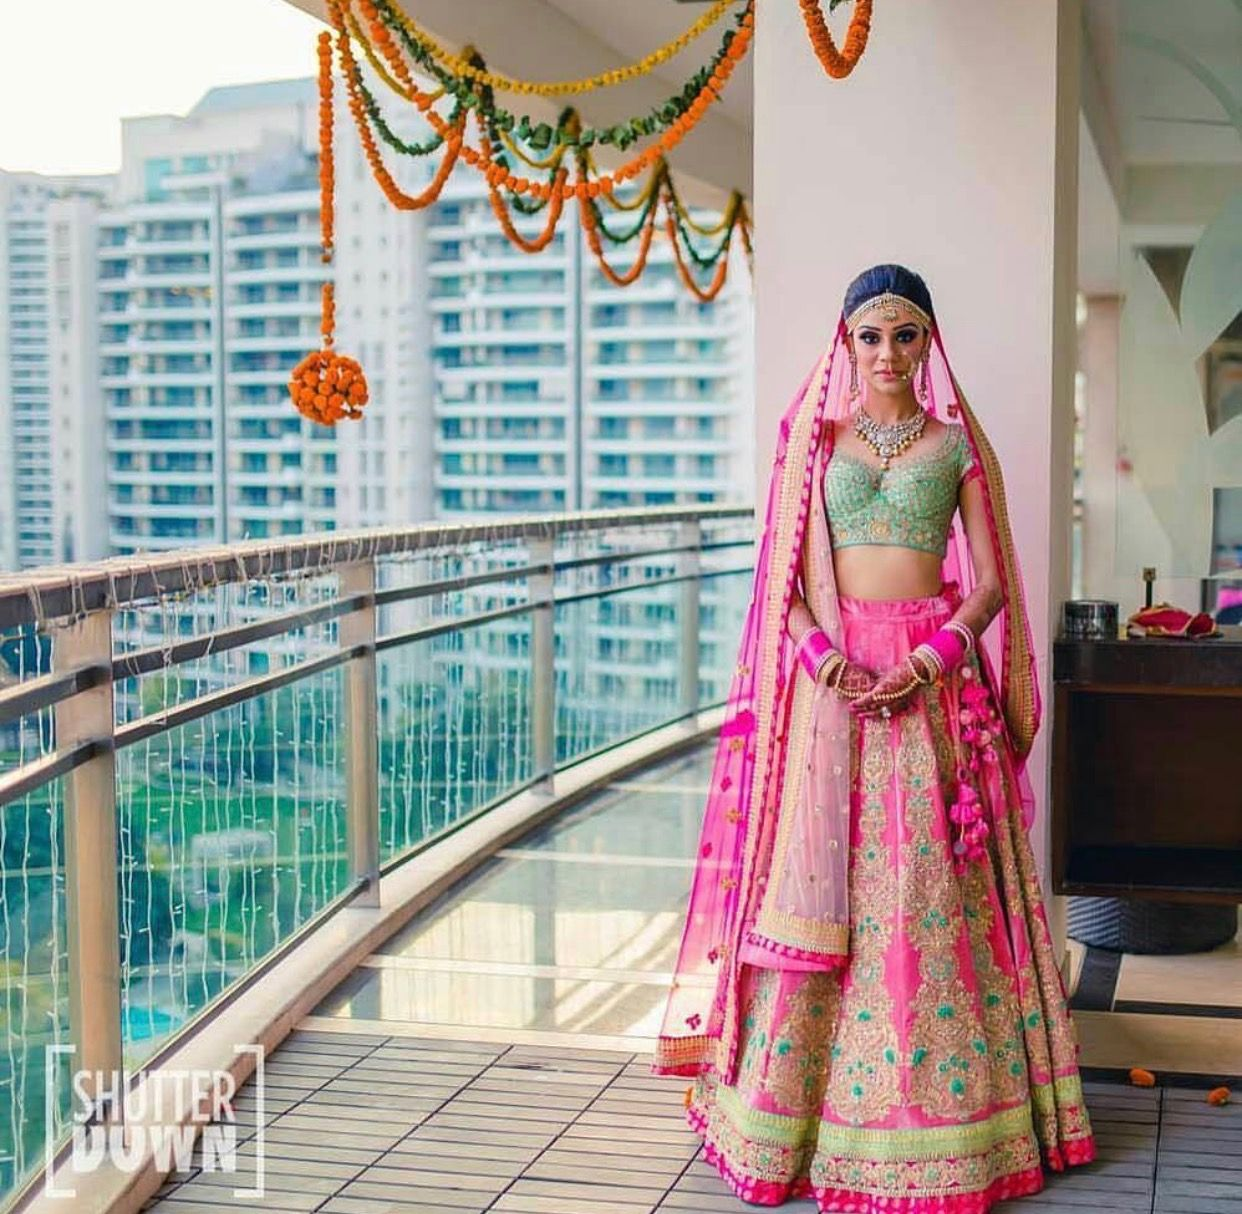 Pink dress to wear to a wedding  Pin by Harkirat Kaur on Punjabi weddings  Pinterest  Indian wear